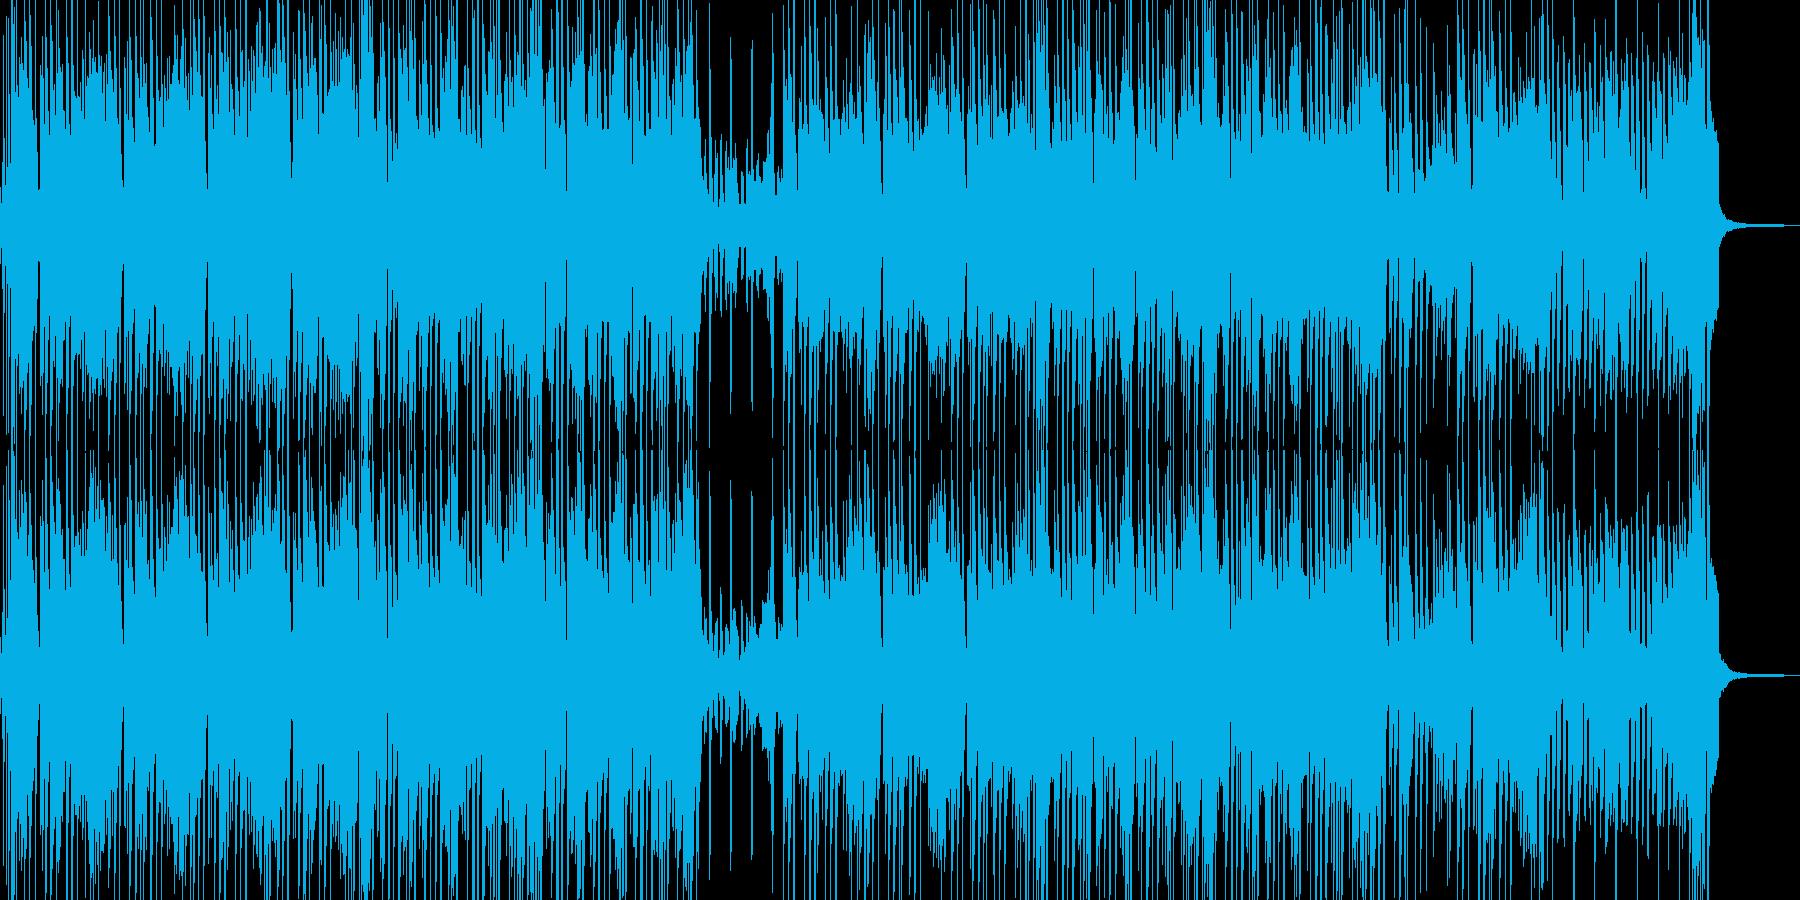 小動物と戯れるイメージのポップスの再生済みの波形